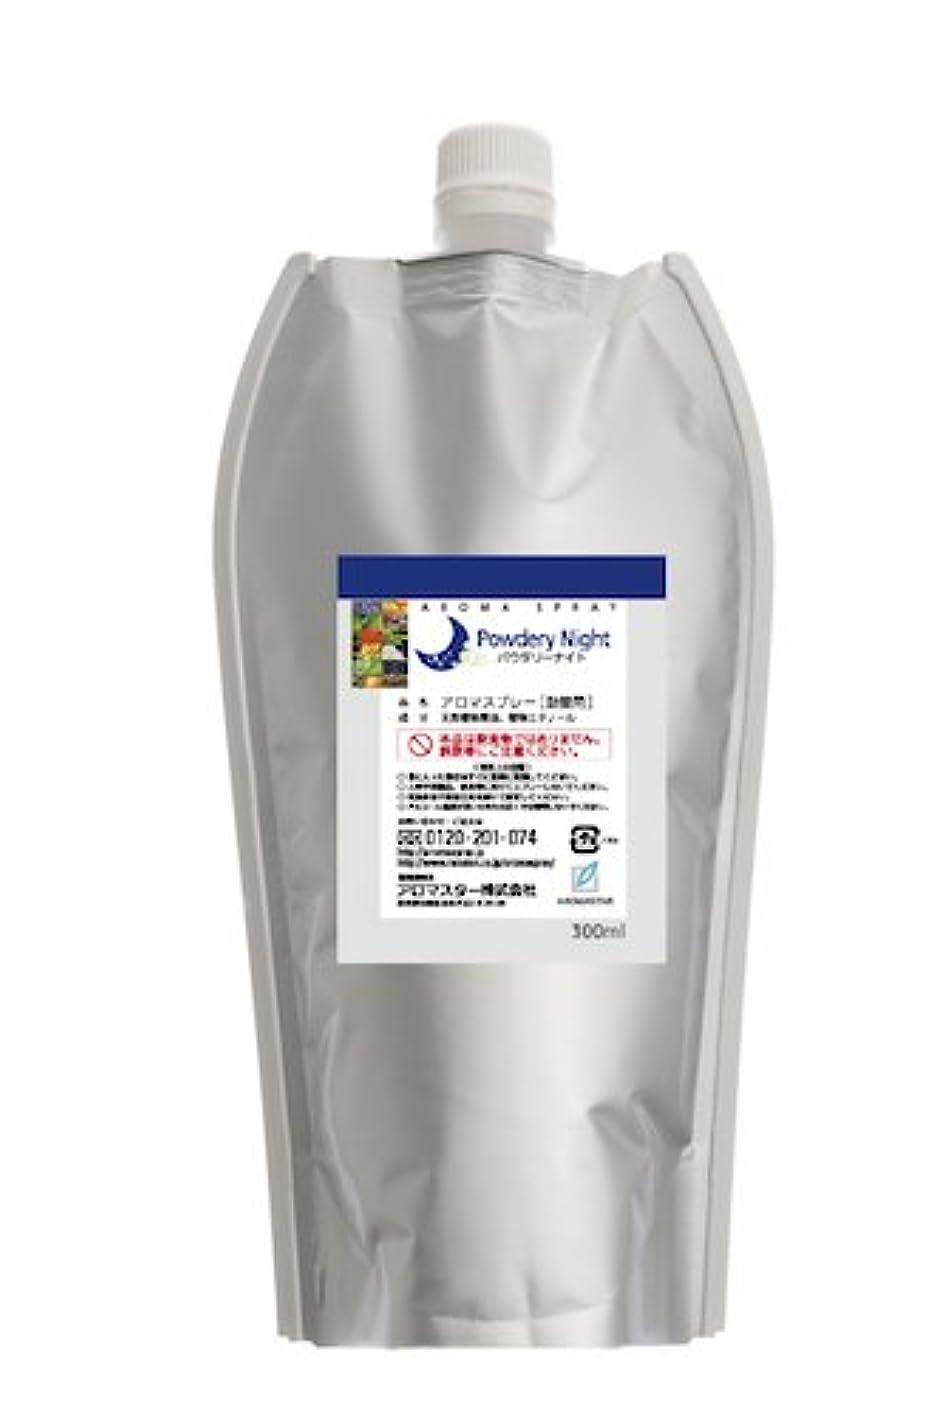 嘆願セグメントシミュレートするAROMASTAR(アロマスター) アロマスプレー パウダリーナイト 300ml詰替用(エコパック)